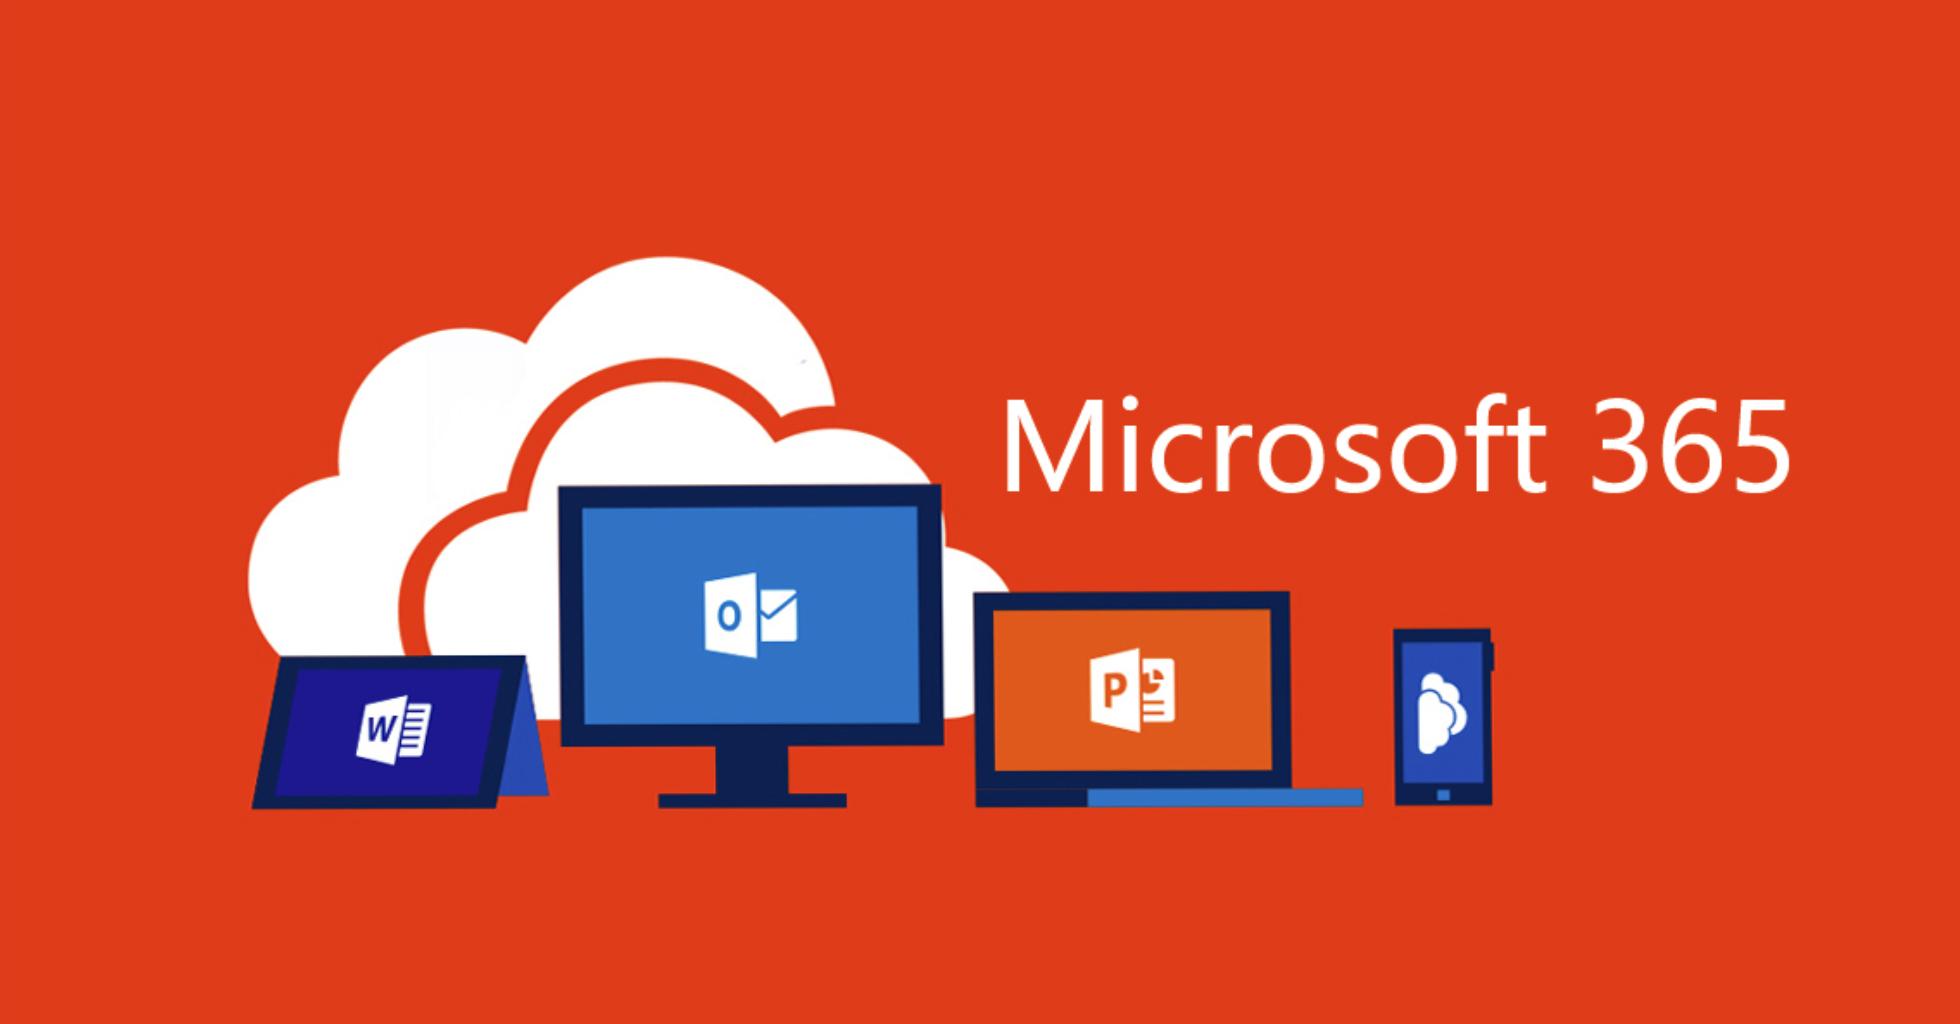 Microsoft Office 365 bị cấm ở Đức vì lo ngại quyền riêng tư